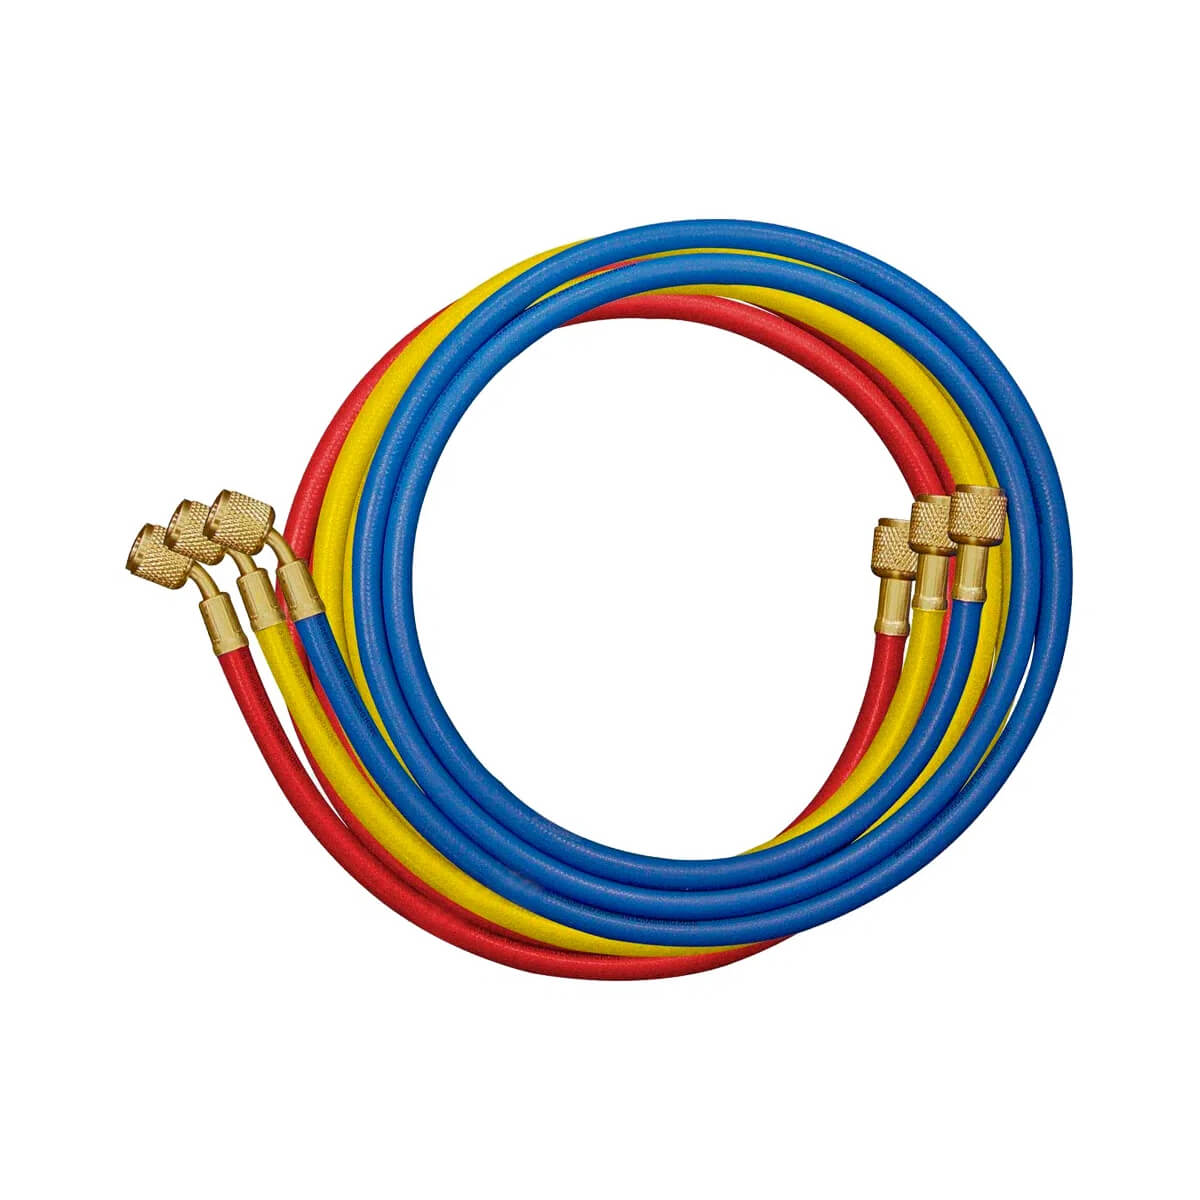 Manifold Profissional EOS Com Mangueira De 1,5m Para Gases R22, 407, 410a - EOS-BM560G